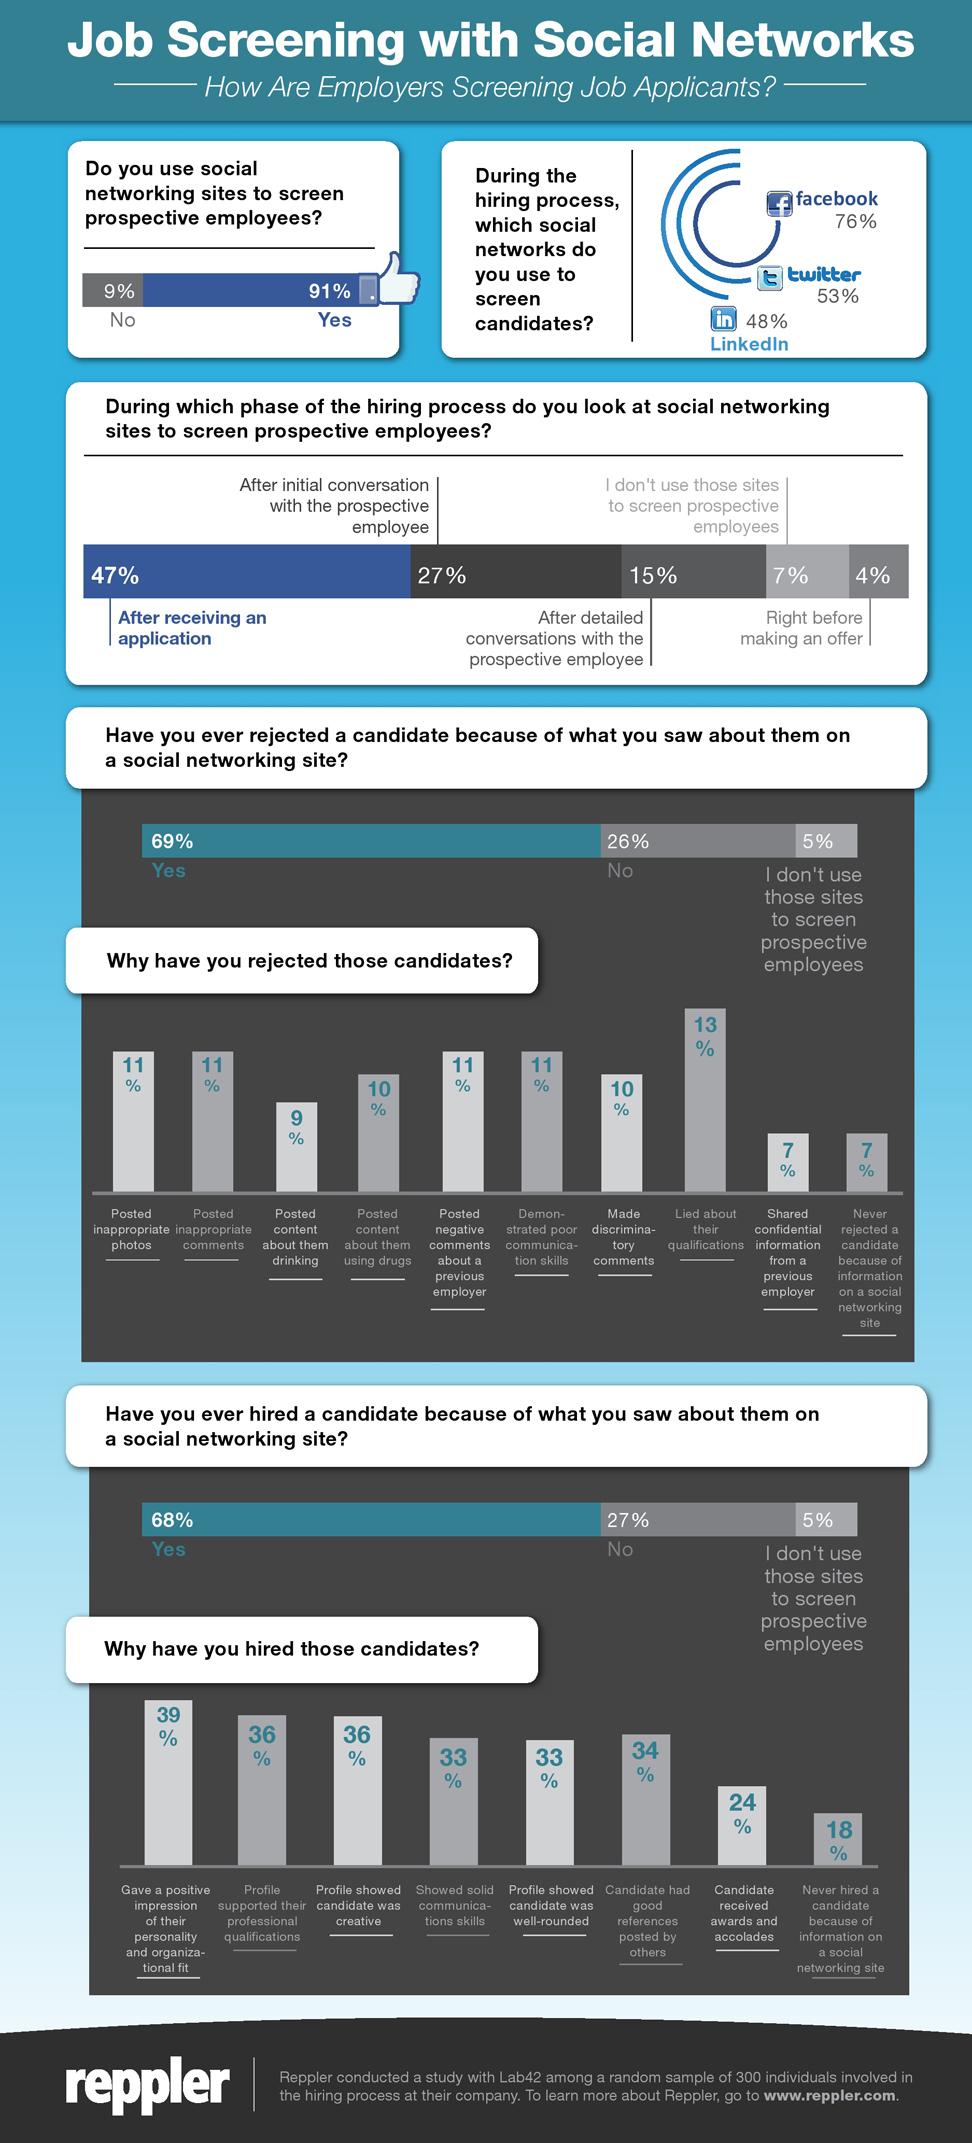 Veja como os recrutadores estão usando as redes sociais nos processos seletivos para conseguirem informações mais detalhadas sobre os candidatos aos cargos oferecidos nas empresas